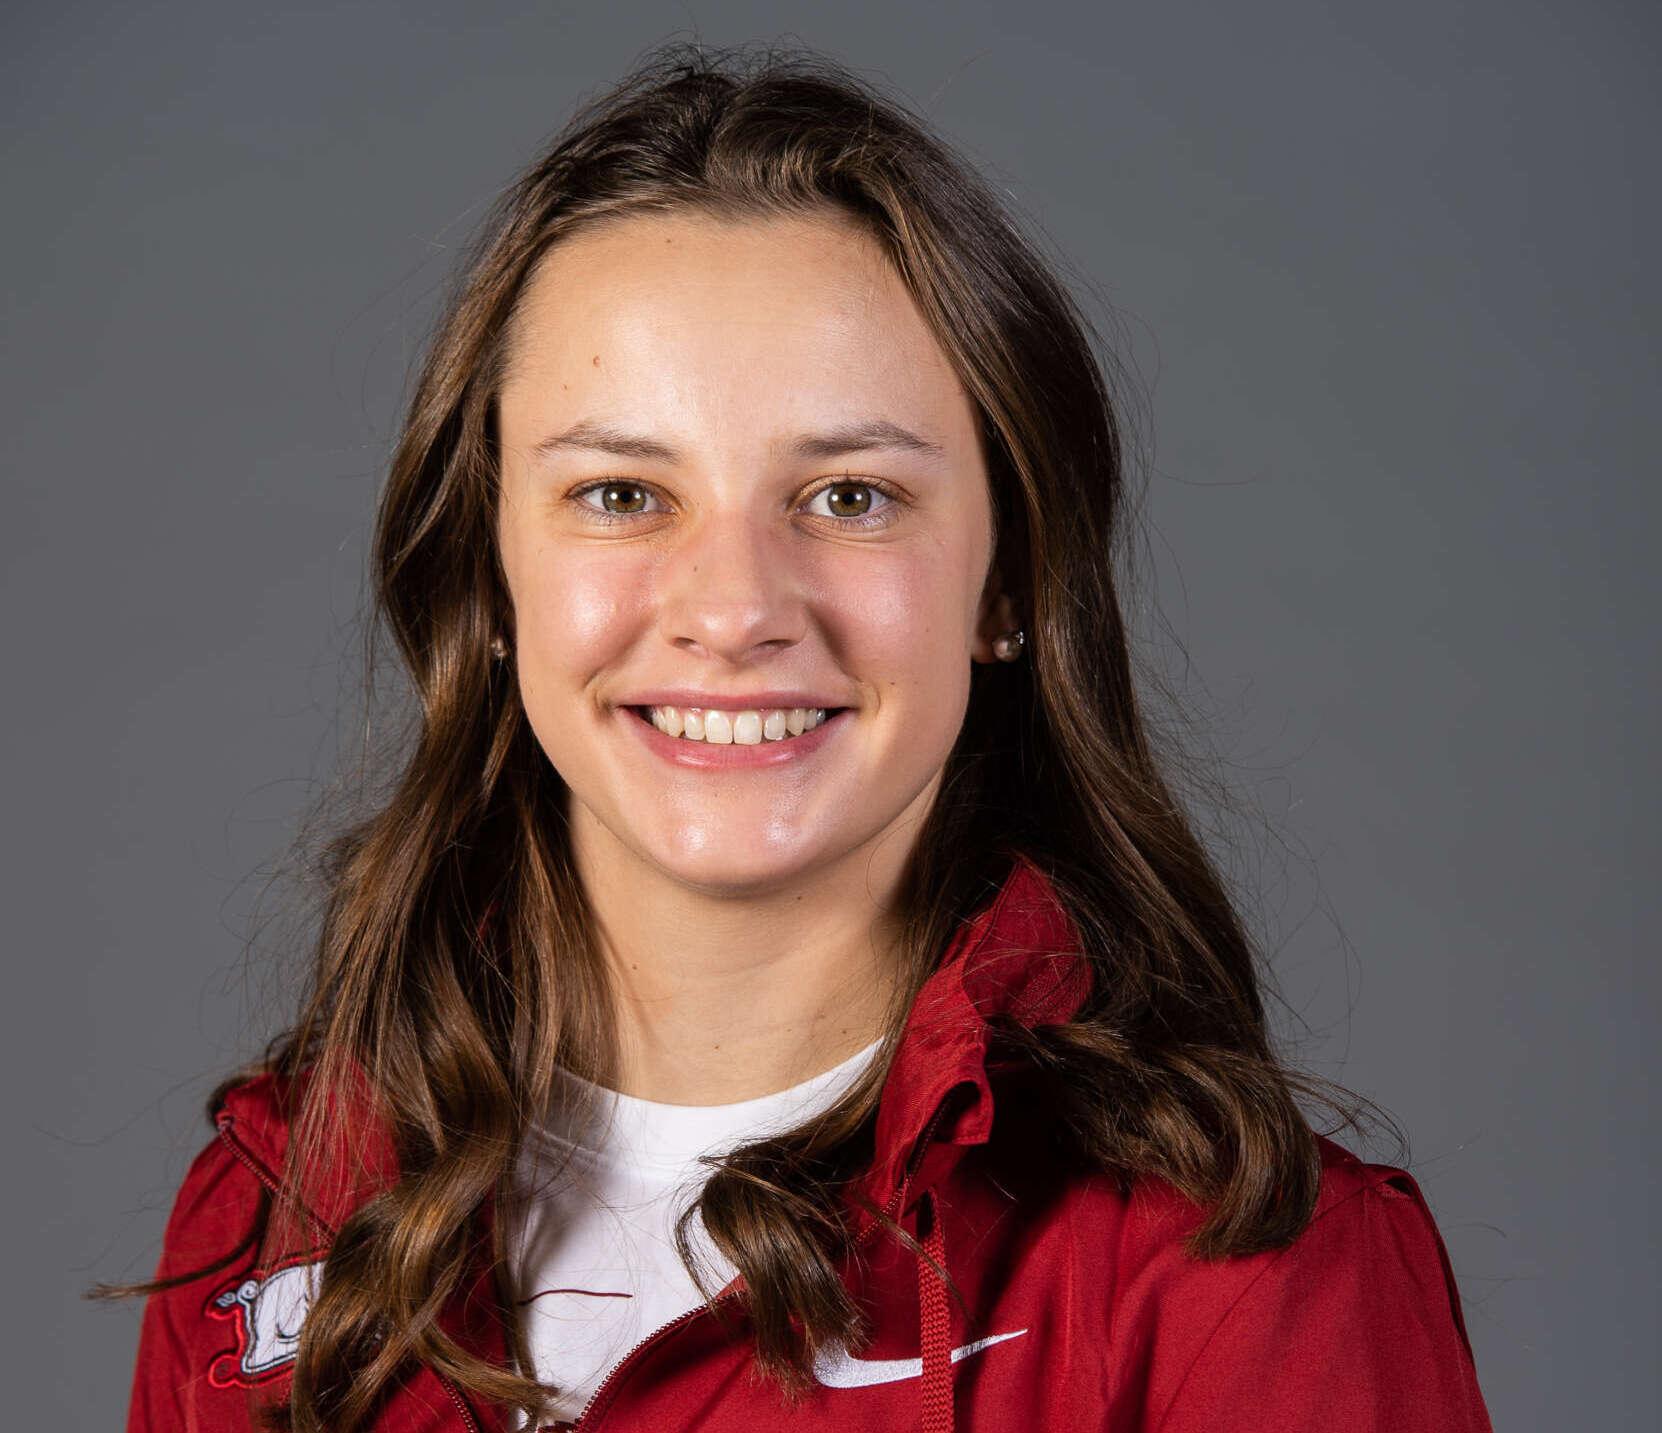 Vanessa Herrmann - Swimming & Diving - Arkansas Razorbacks